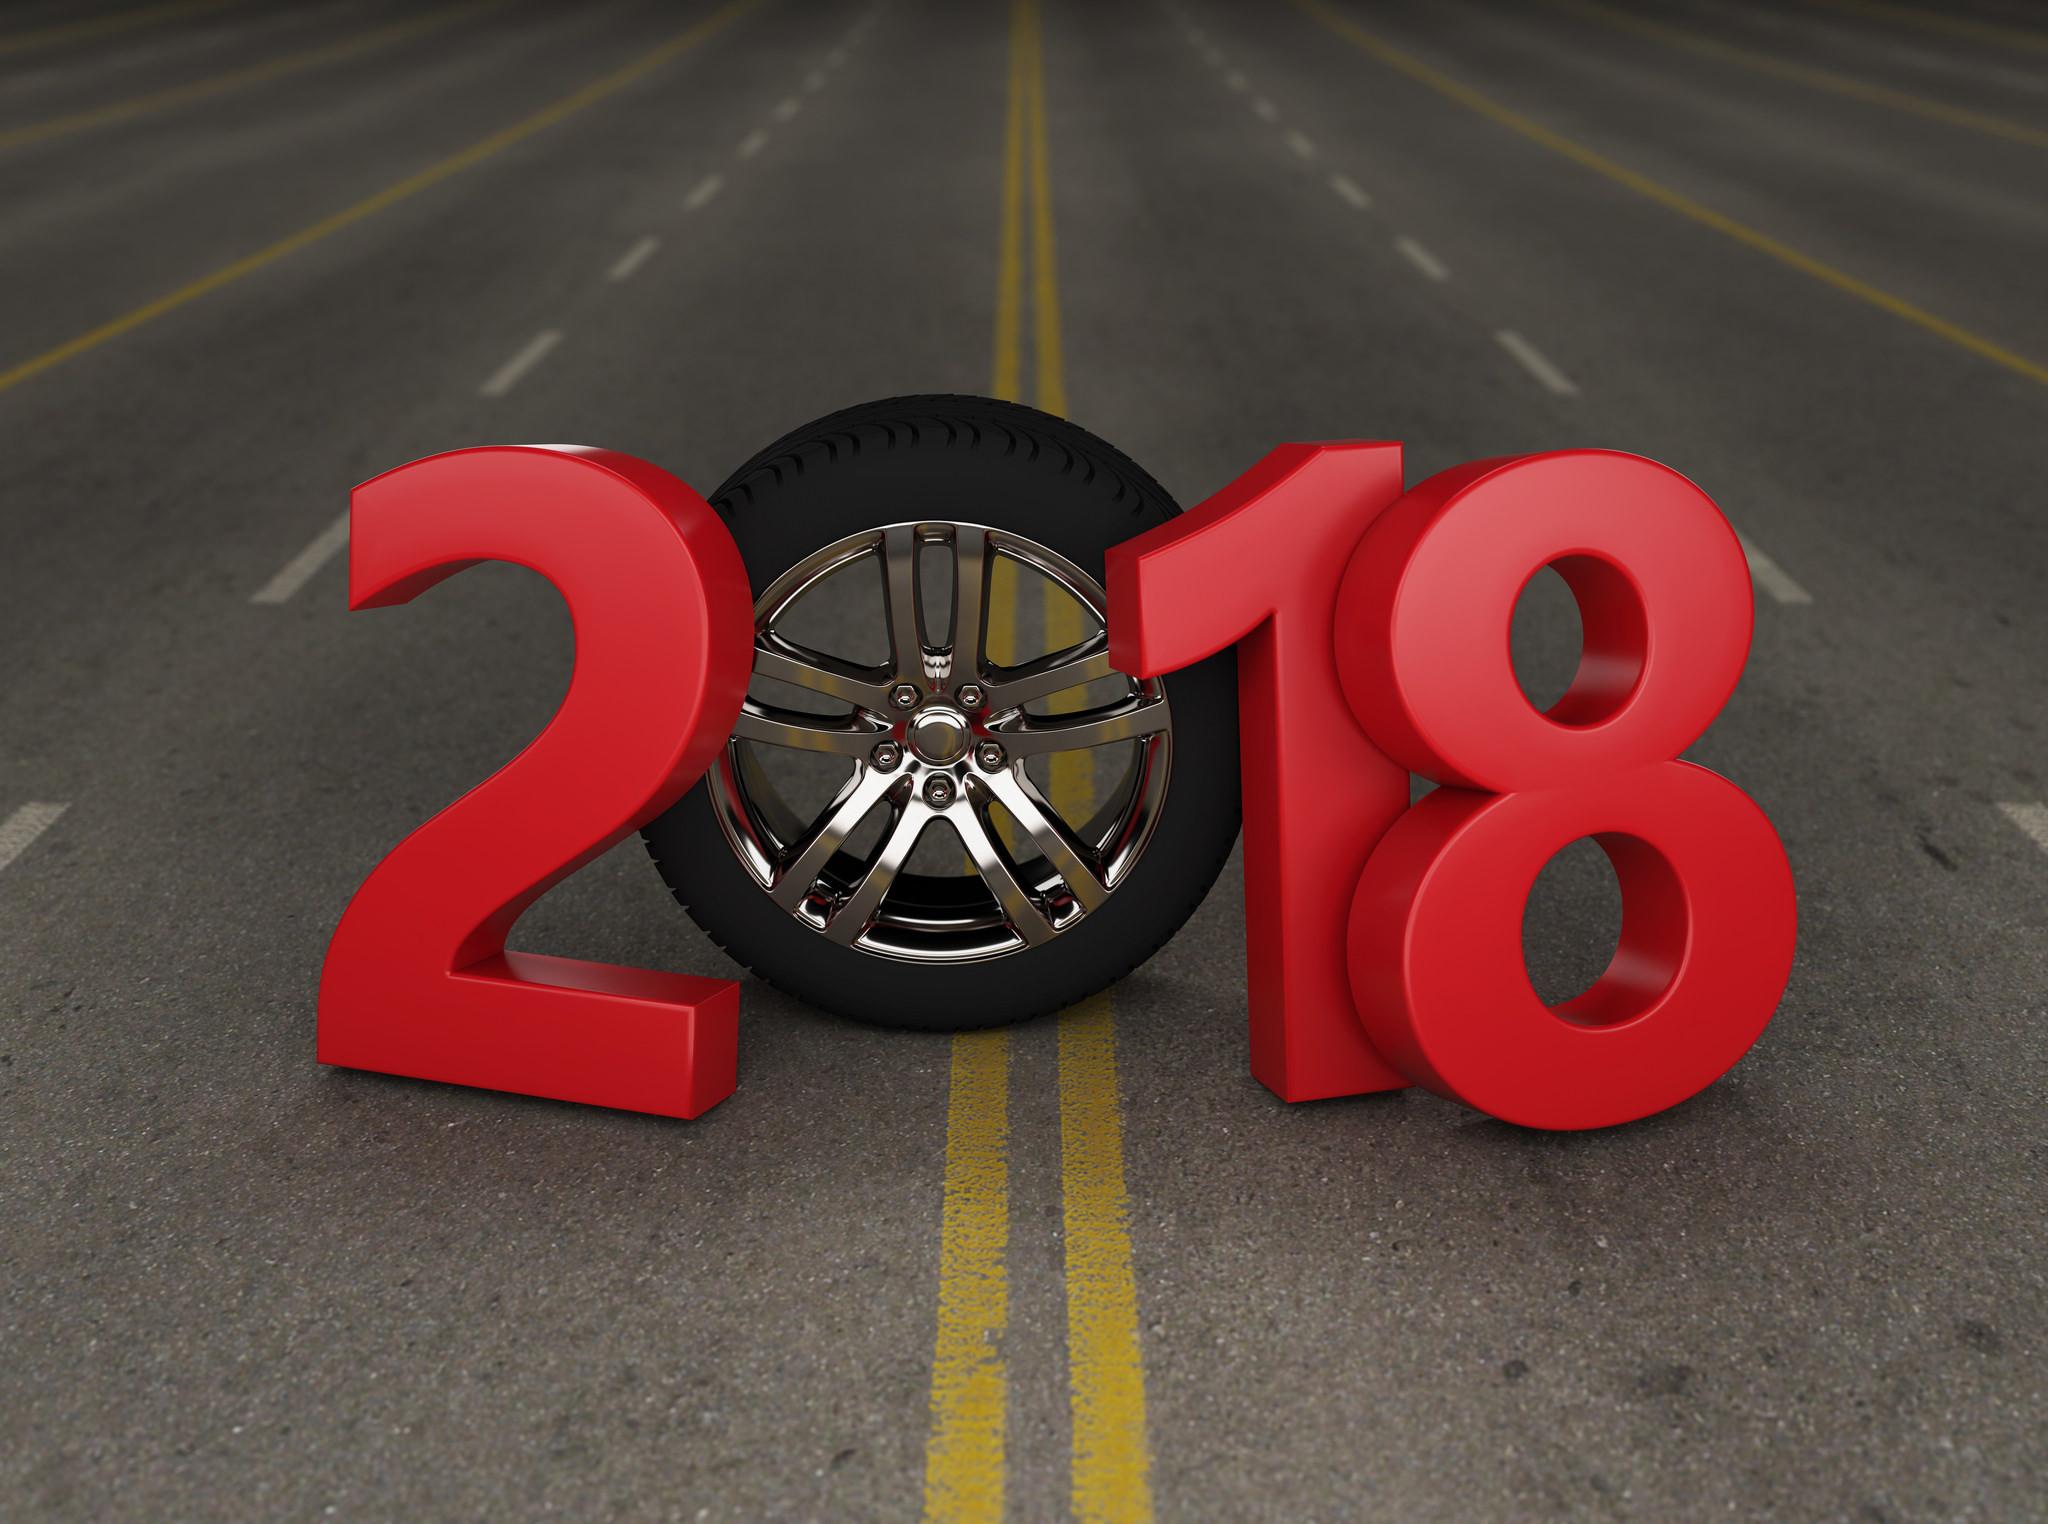 Drogas, velocidad, móvil y cinturón: las asignaturas pendientes para 2018